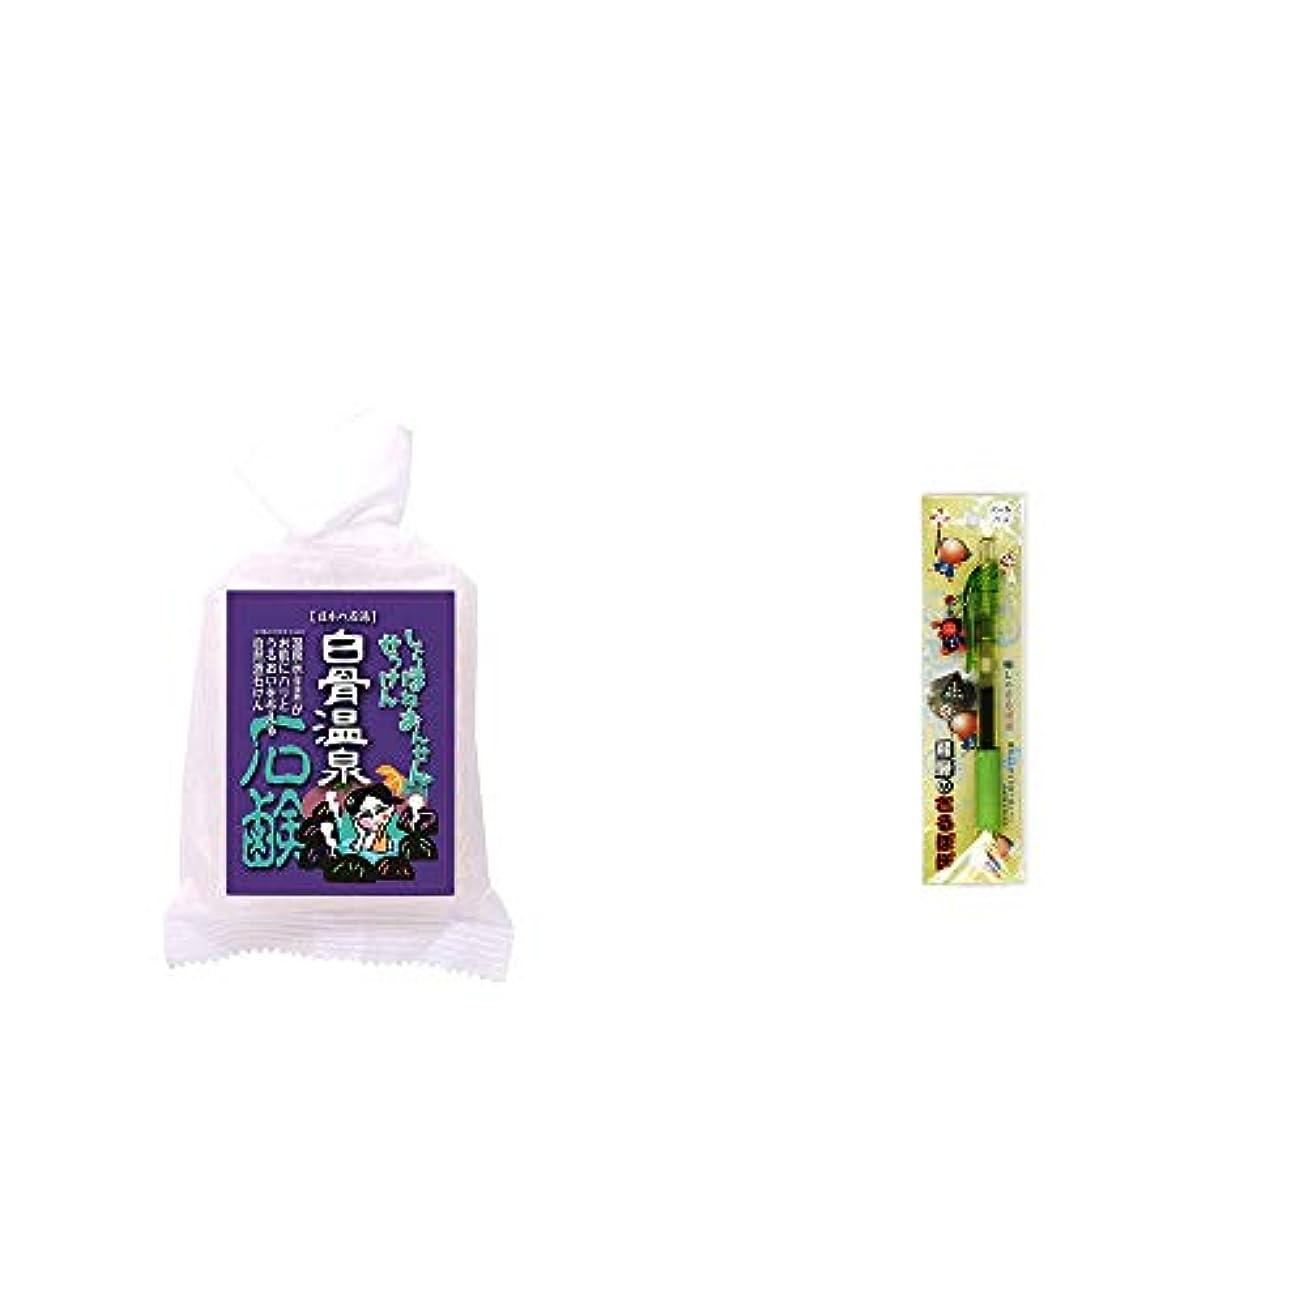 喜劇アンプ苦痛[2点セット] 信州 白骨温泉石鹸(80g)?さるぼぼ 癒しボールペン 【グリーン】